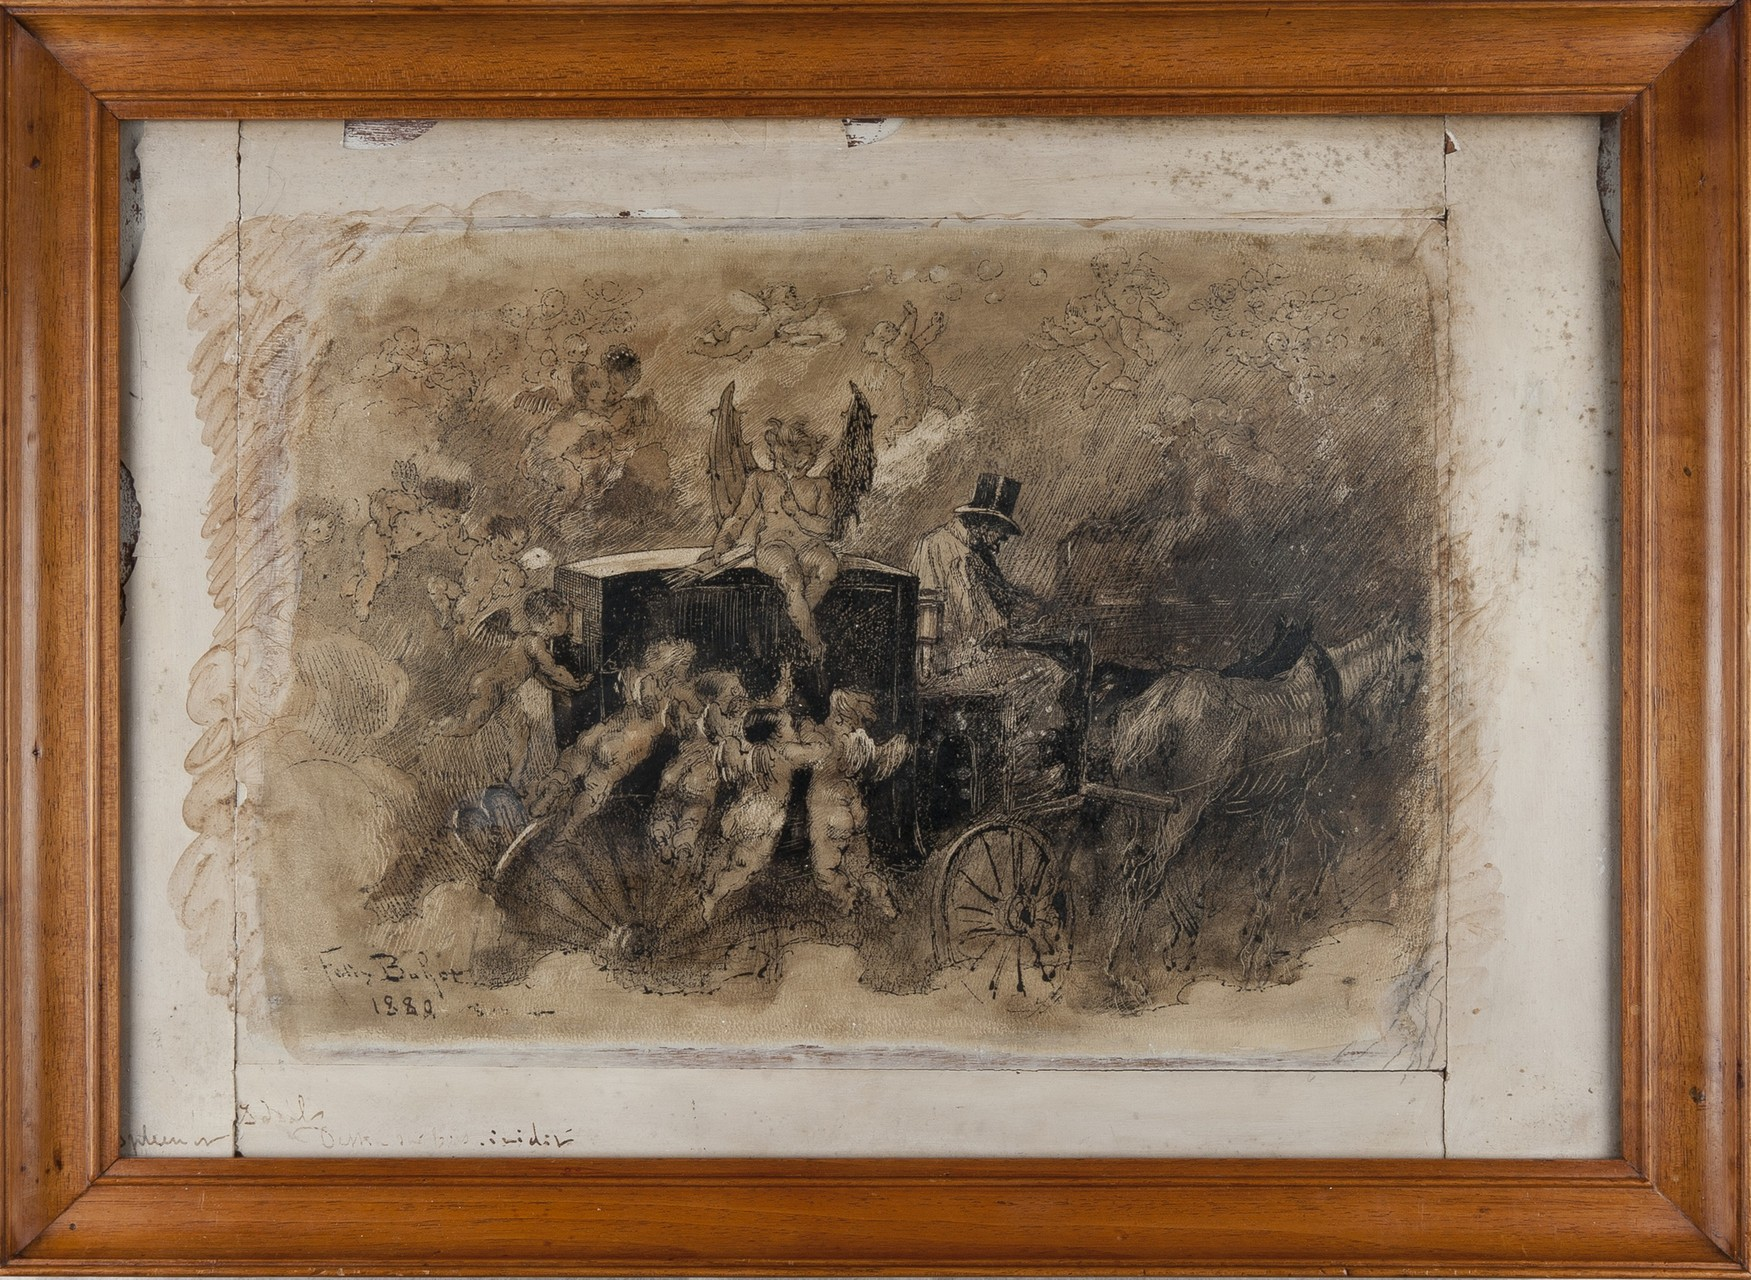 Félix Buhot, Spleen et idéal, lavis sur bois, 1880,  © Claire Tabbagh